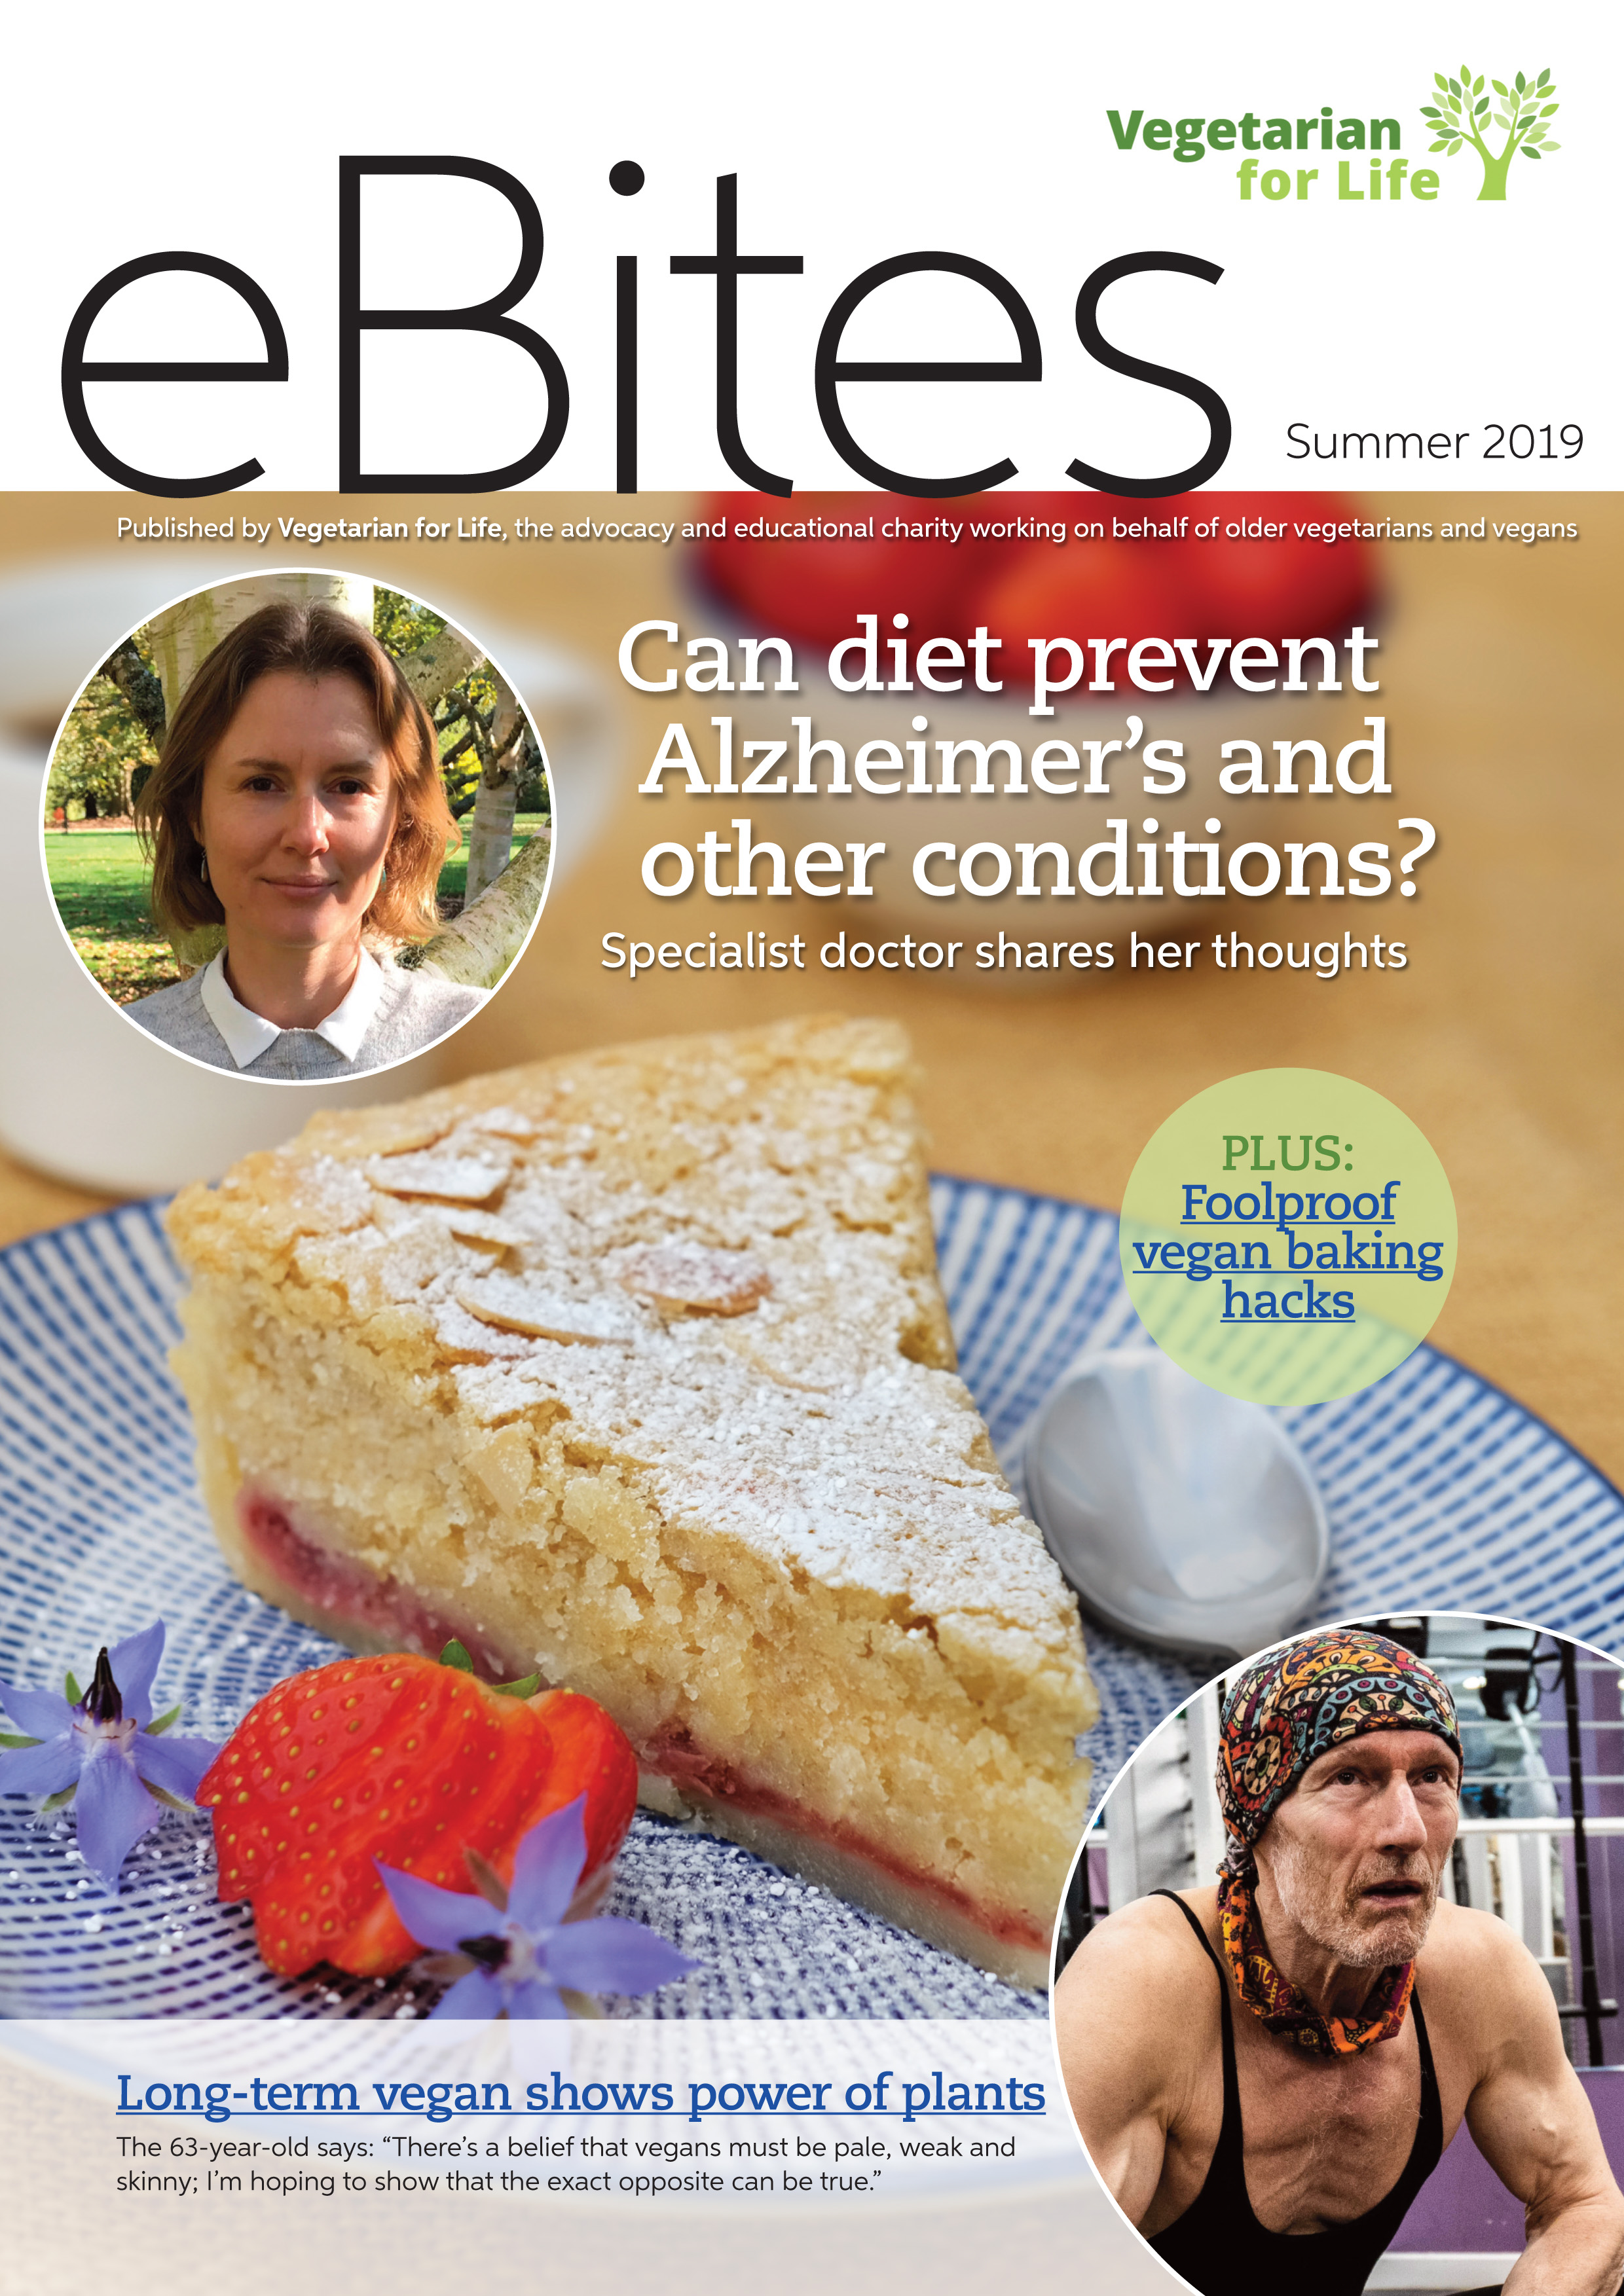 eBites Summer 2019